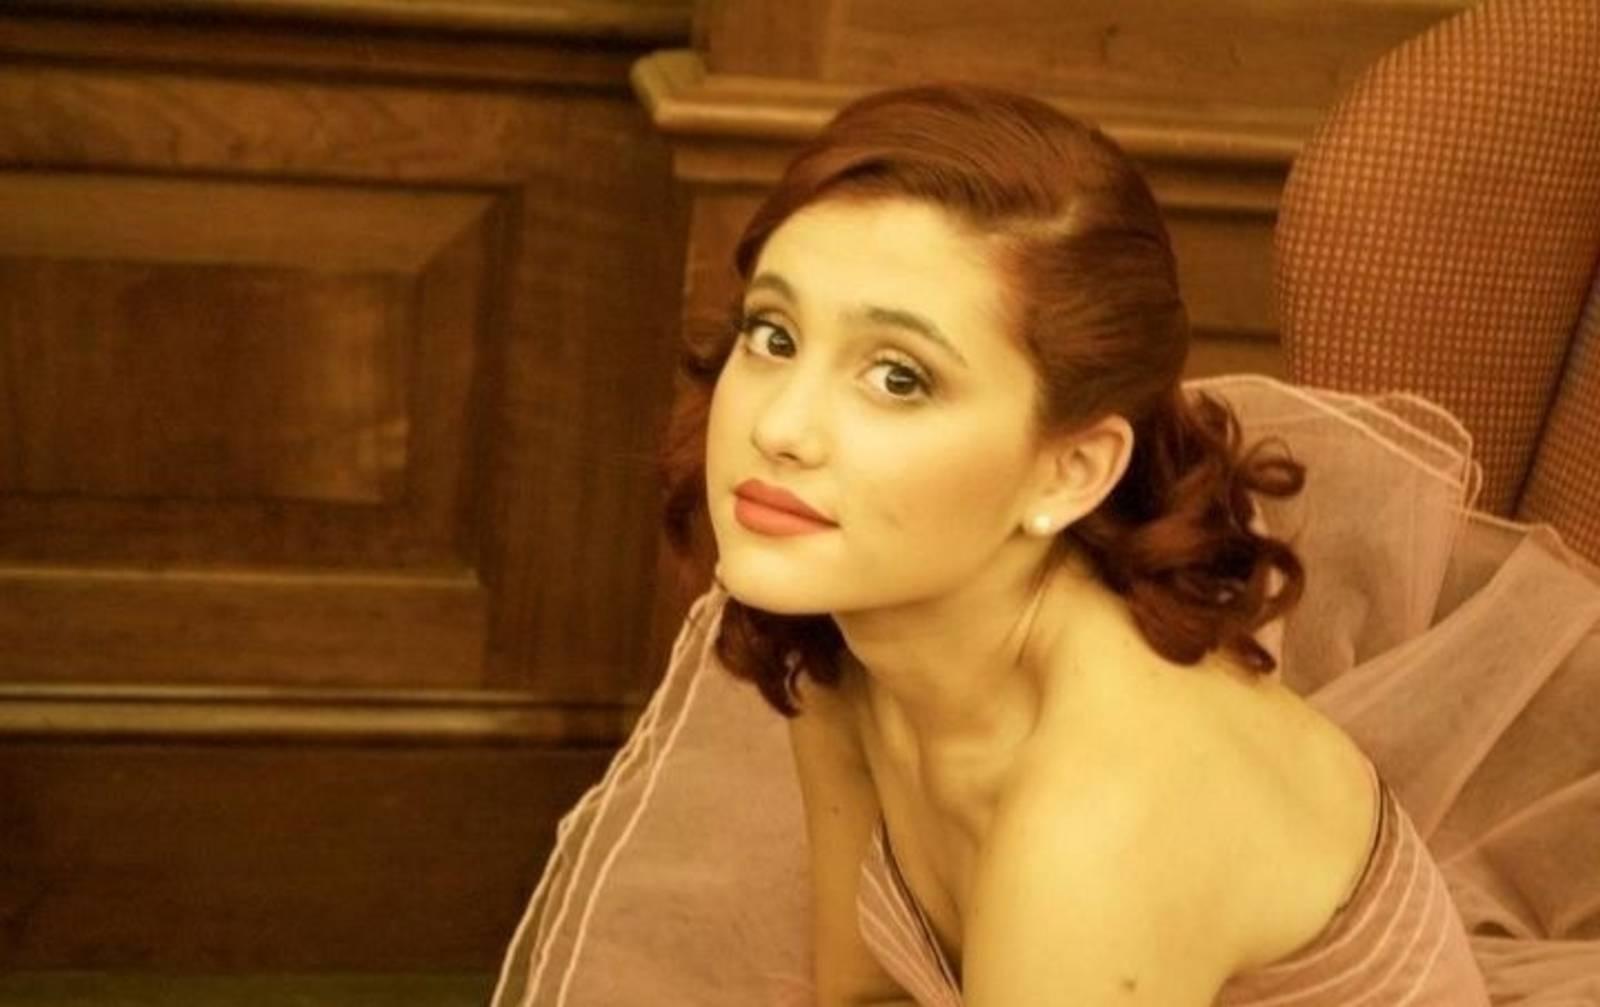 Doble Cara de Ariana Grande Revelada?! - YouTube